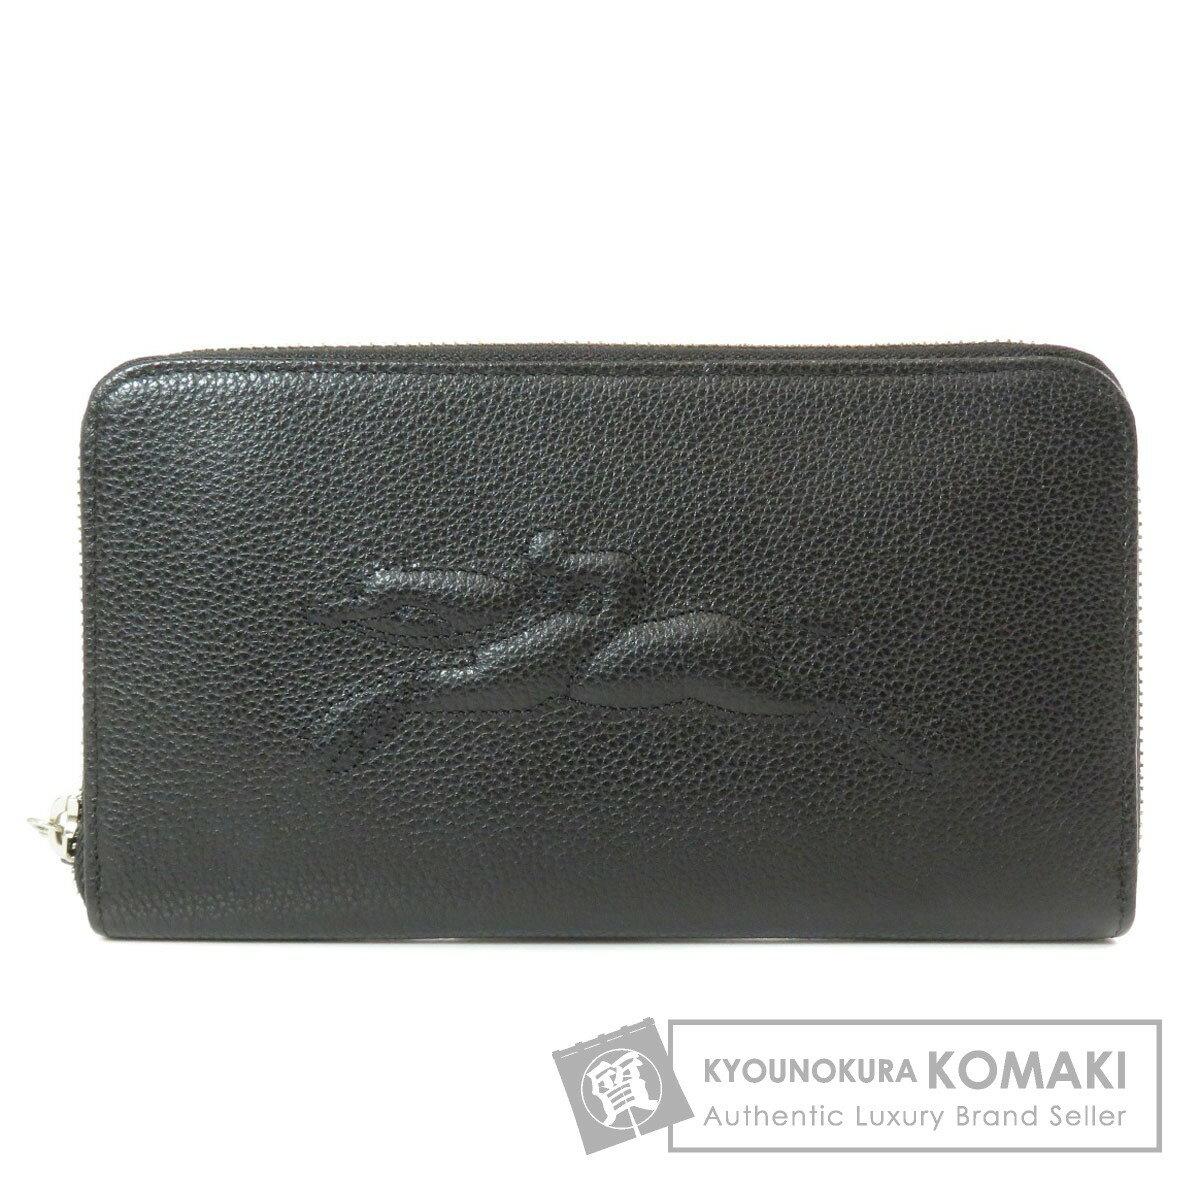 ロンシャン ロゴモチーフ 長財布(小銭入れあり) レザー レディース 【中古】【Longchamp】